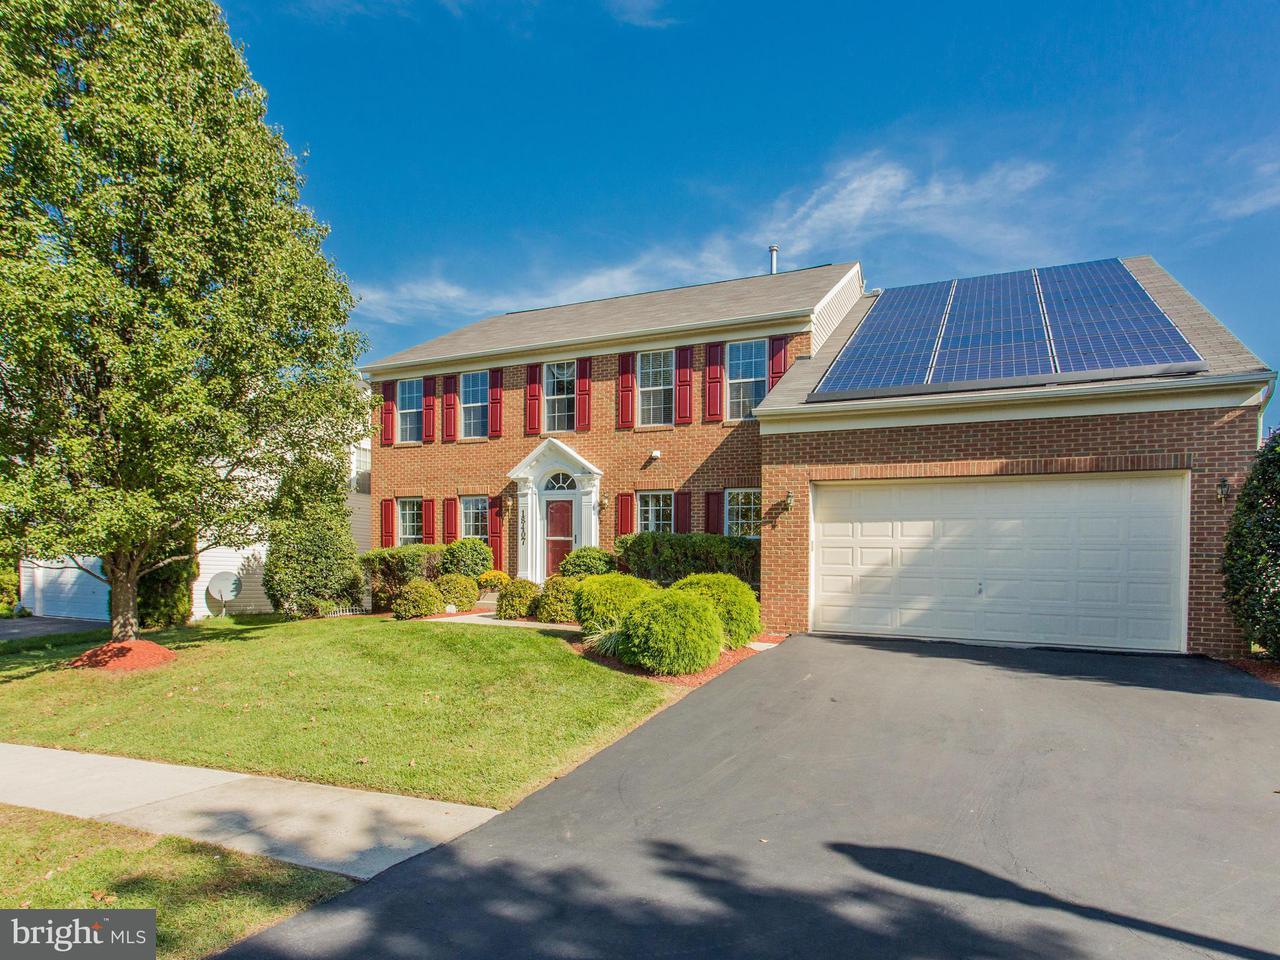 Частный односемейный дом для того Продажа на 18407 BEECHNUT WAY 18407 BEECHNUT WAY Boyds, Мэриленд 20841 Соединенные Штаты